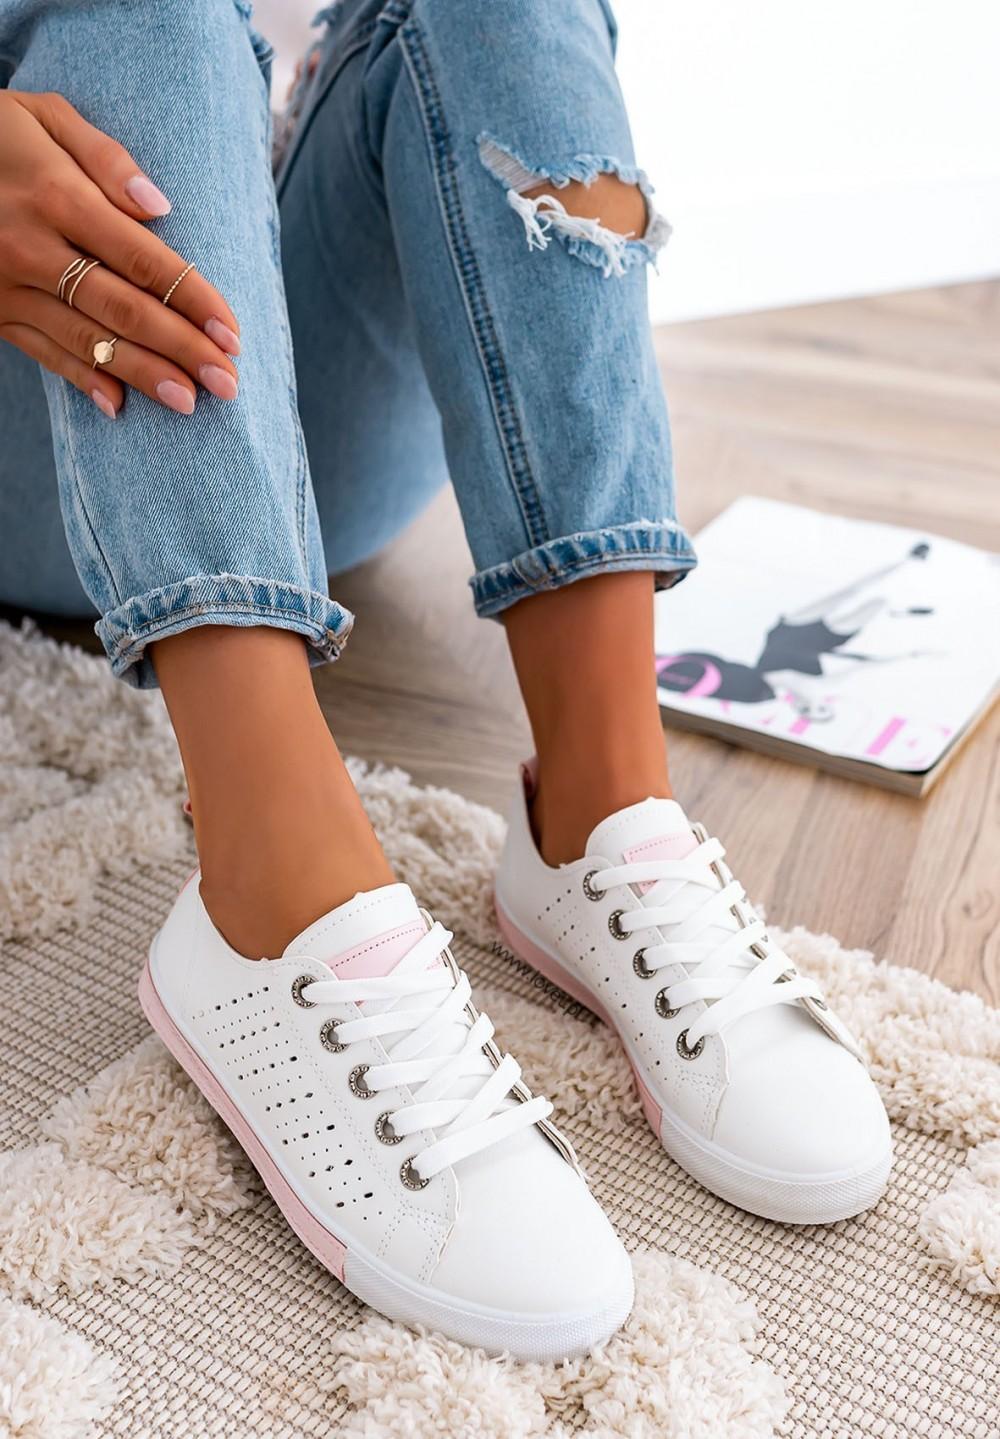 Trampki Sneakersy Sznurowane Różowe Ross